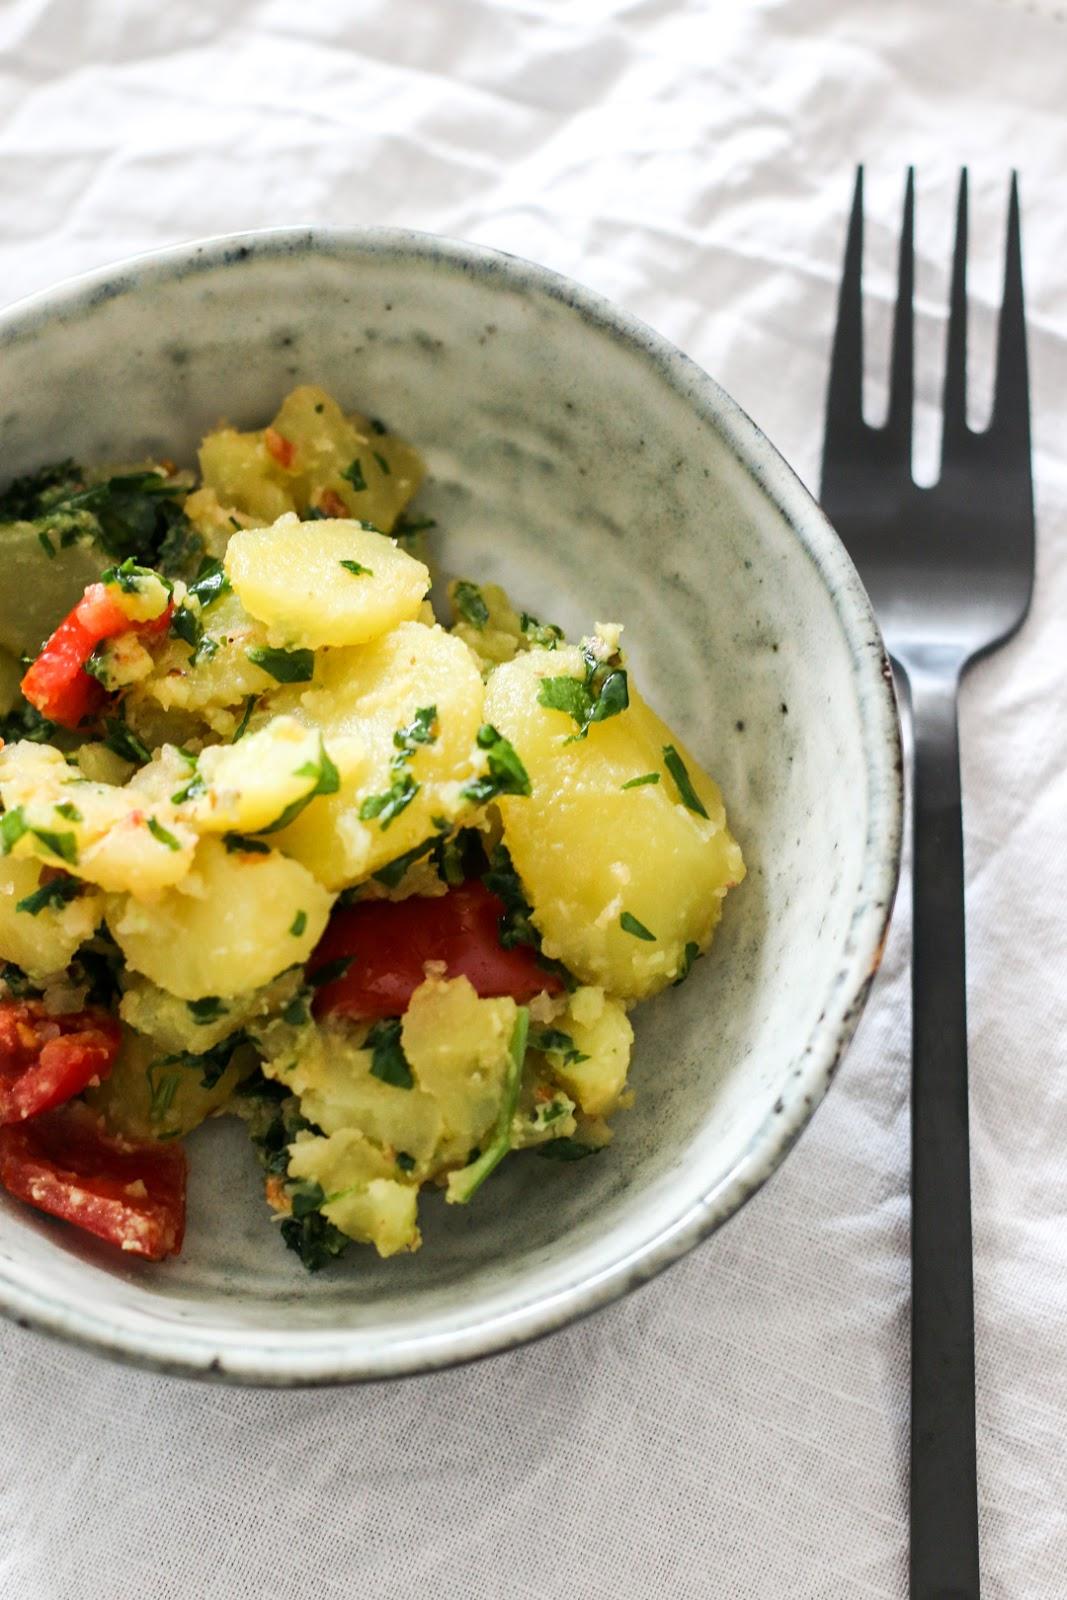 Bärlauch, Salat, grillen, Grillsaison, Kartoffelsalat, Fleurcoquet, Frühling